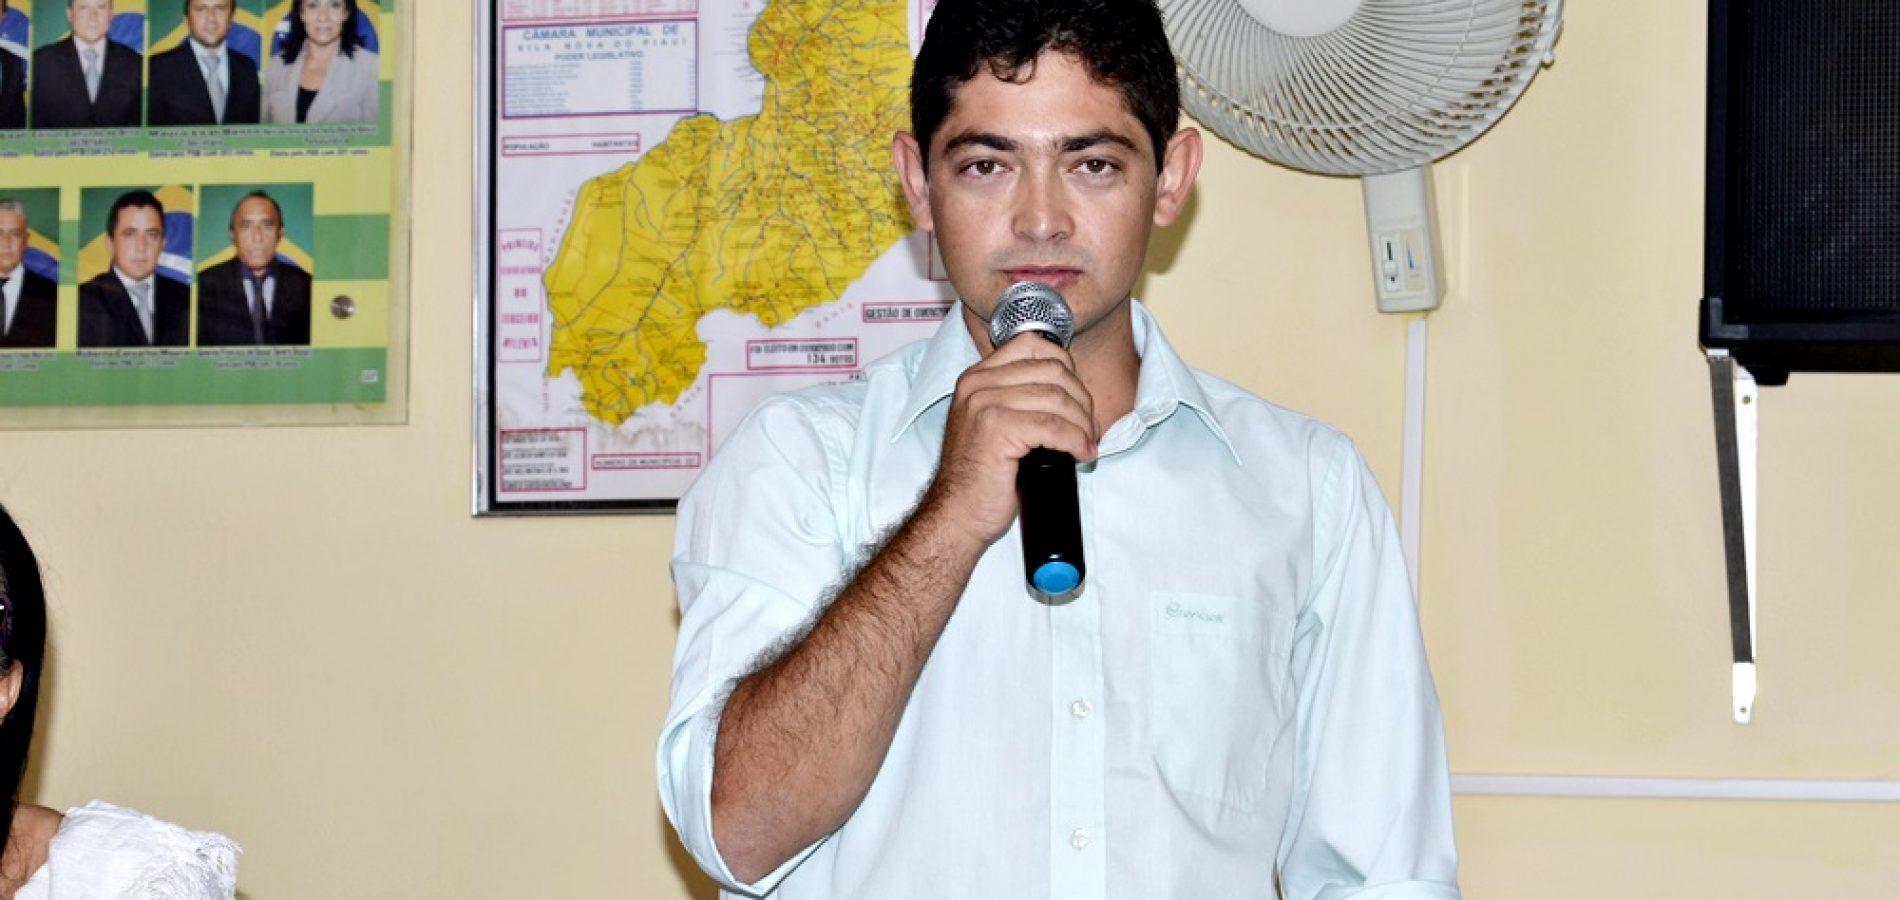 Vereador Deijano Lima requer limpeza da barragem de São João Batista, em Vila Nova do PI